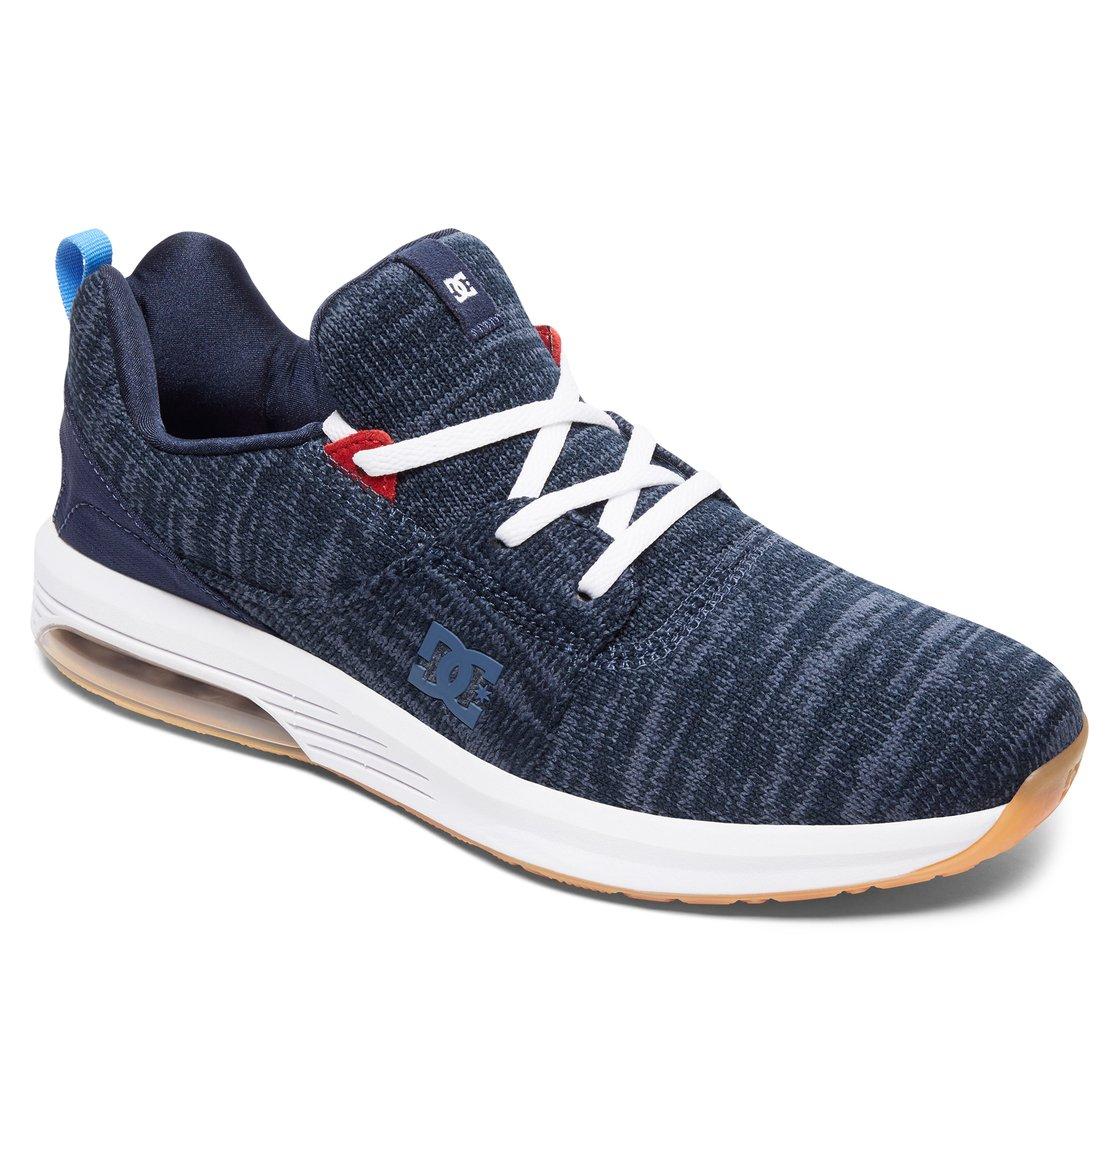 Paire de Baskets DC Shoes Heathrow IA TX SE - Bleu